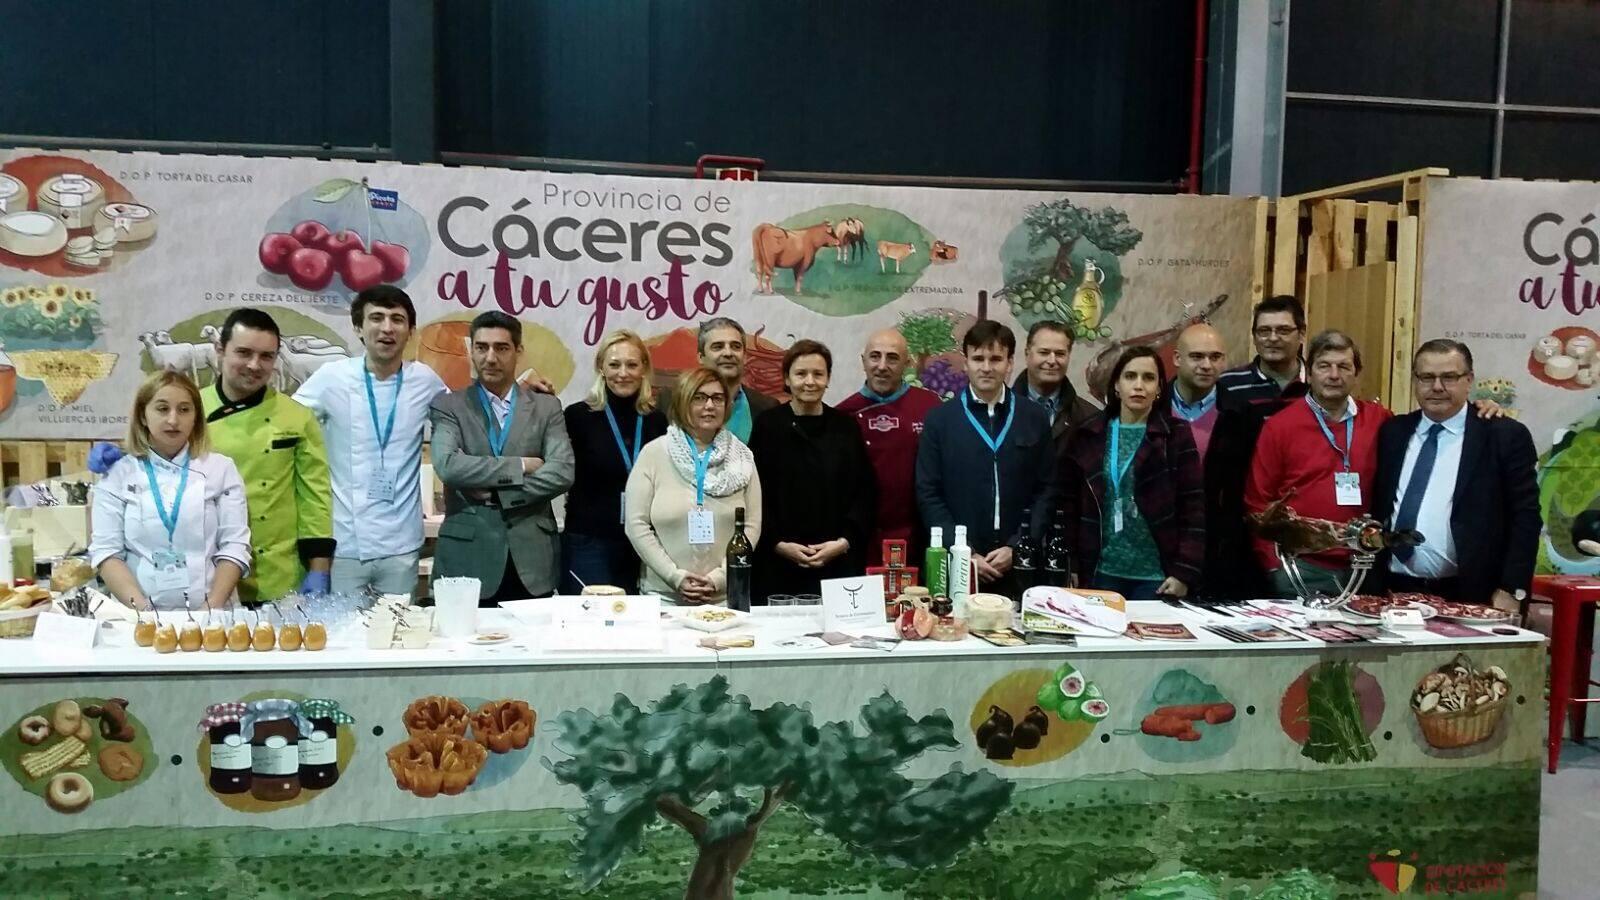 La provincia de Cáceres muestra toda su calidad gastronómica en el Festival Gastronómico GijónSeCome